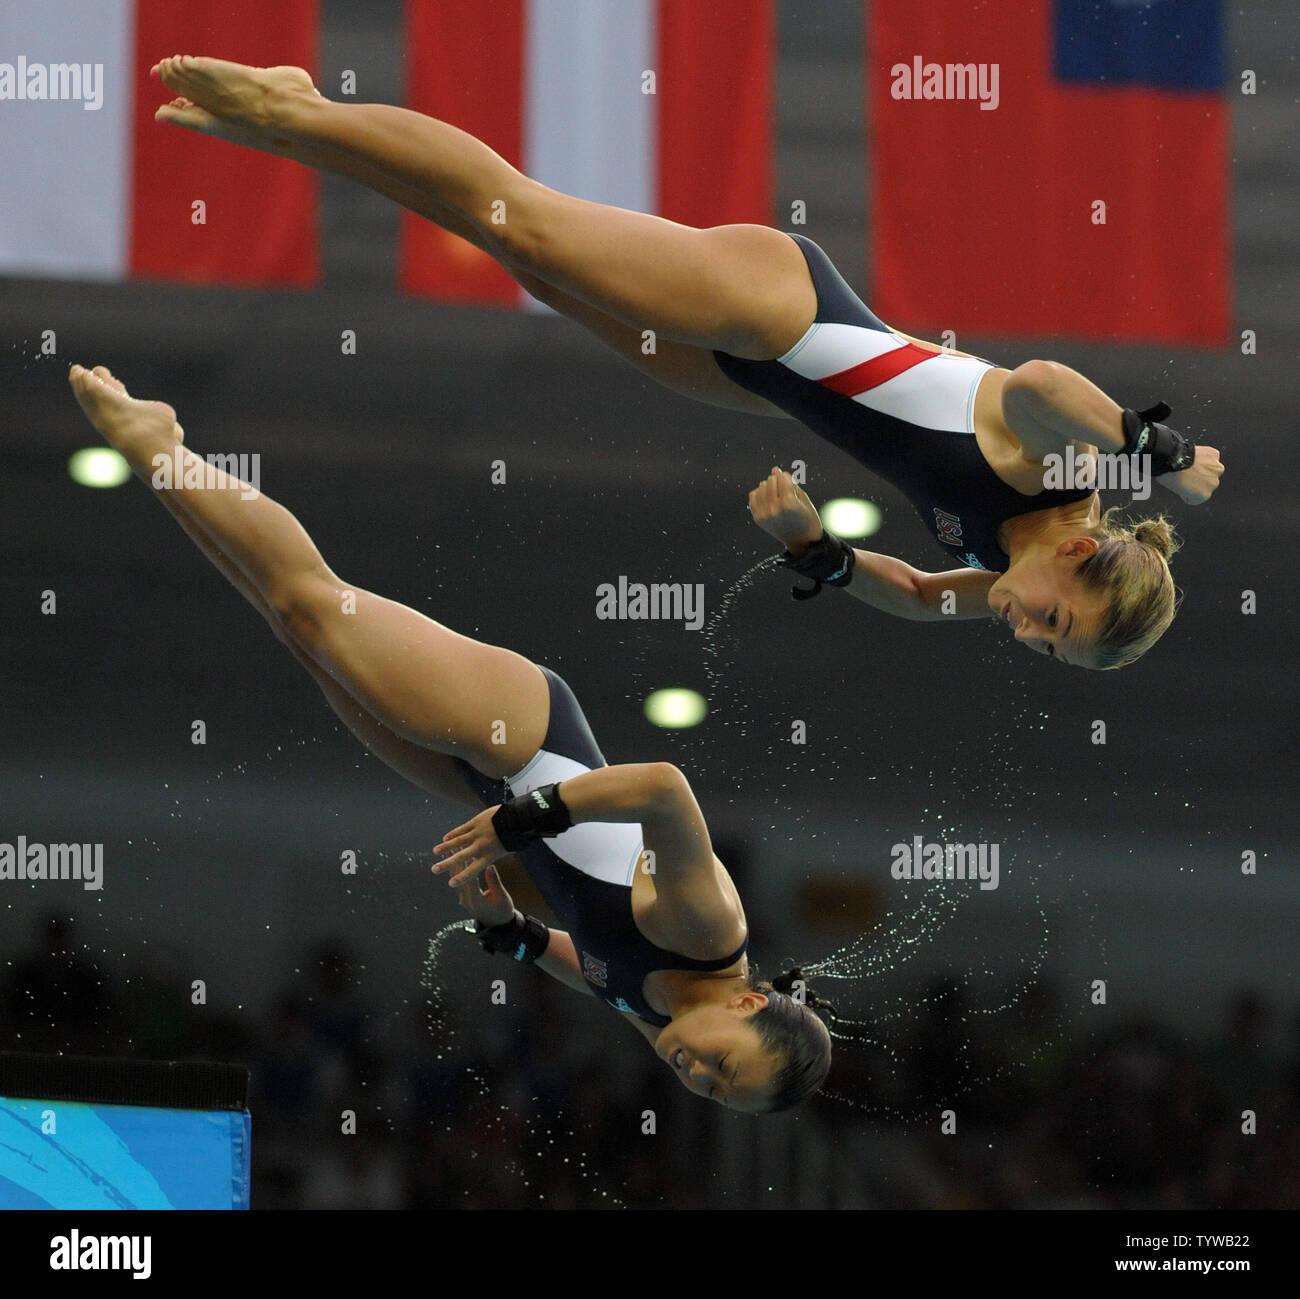 USA Dunnichay Marybeth e Haley Ishimatsu competere in donne 10M Sincro tuffi dalla piattaforma al Centro Acquatico Nazionale (Cubo Acqua) durante le 2008 Olimpiadi di estate a Pechino, in Cina, il 12 agosto 2008. (UPI foto/Roger L. Wollenberg) Foto Stock